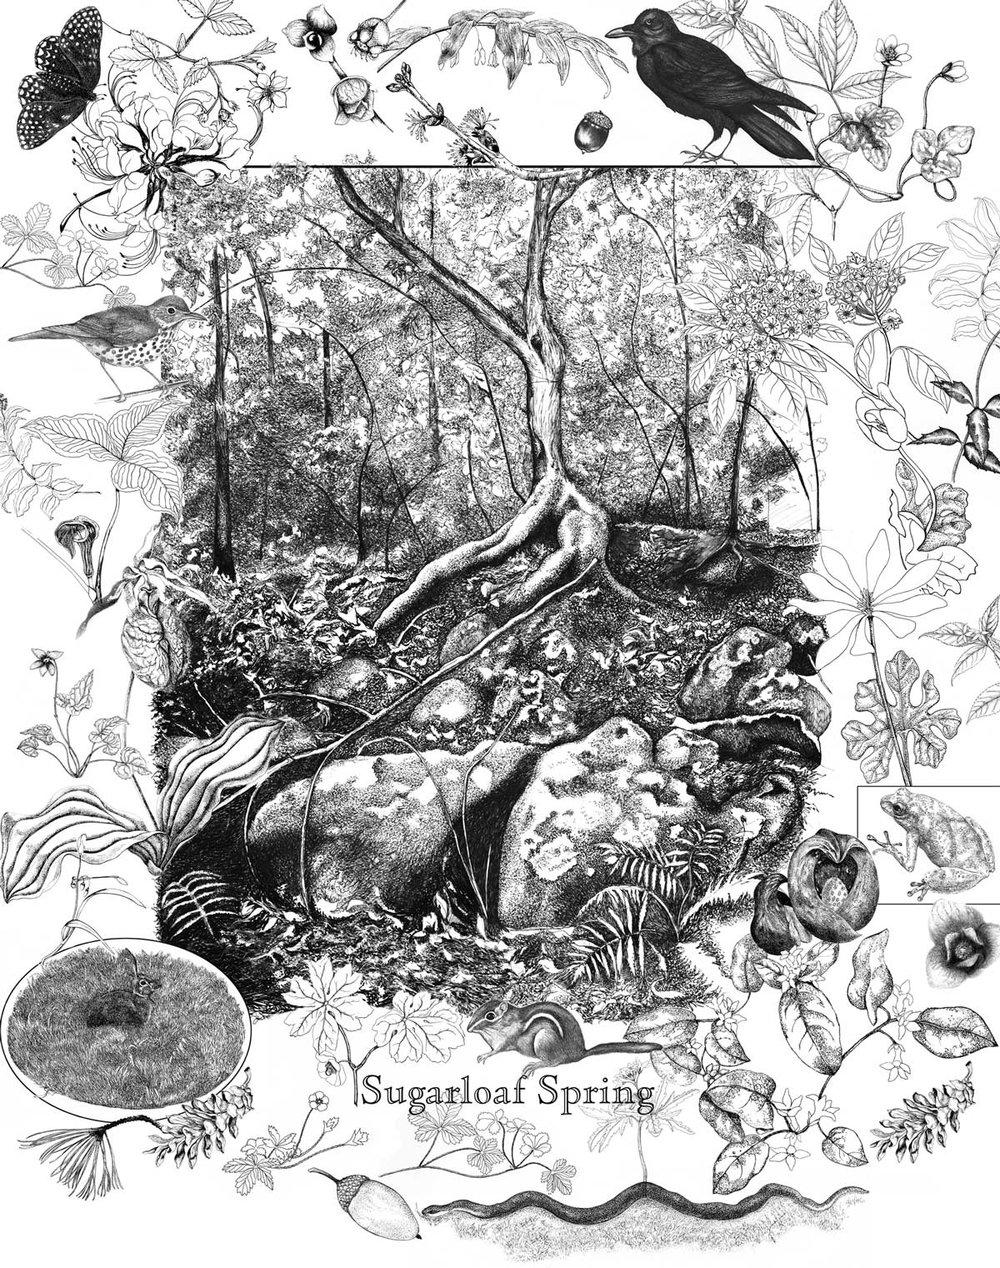 Sugarloaf Spring Poster